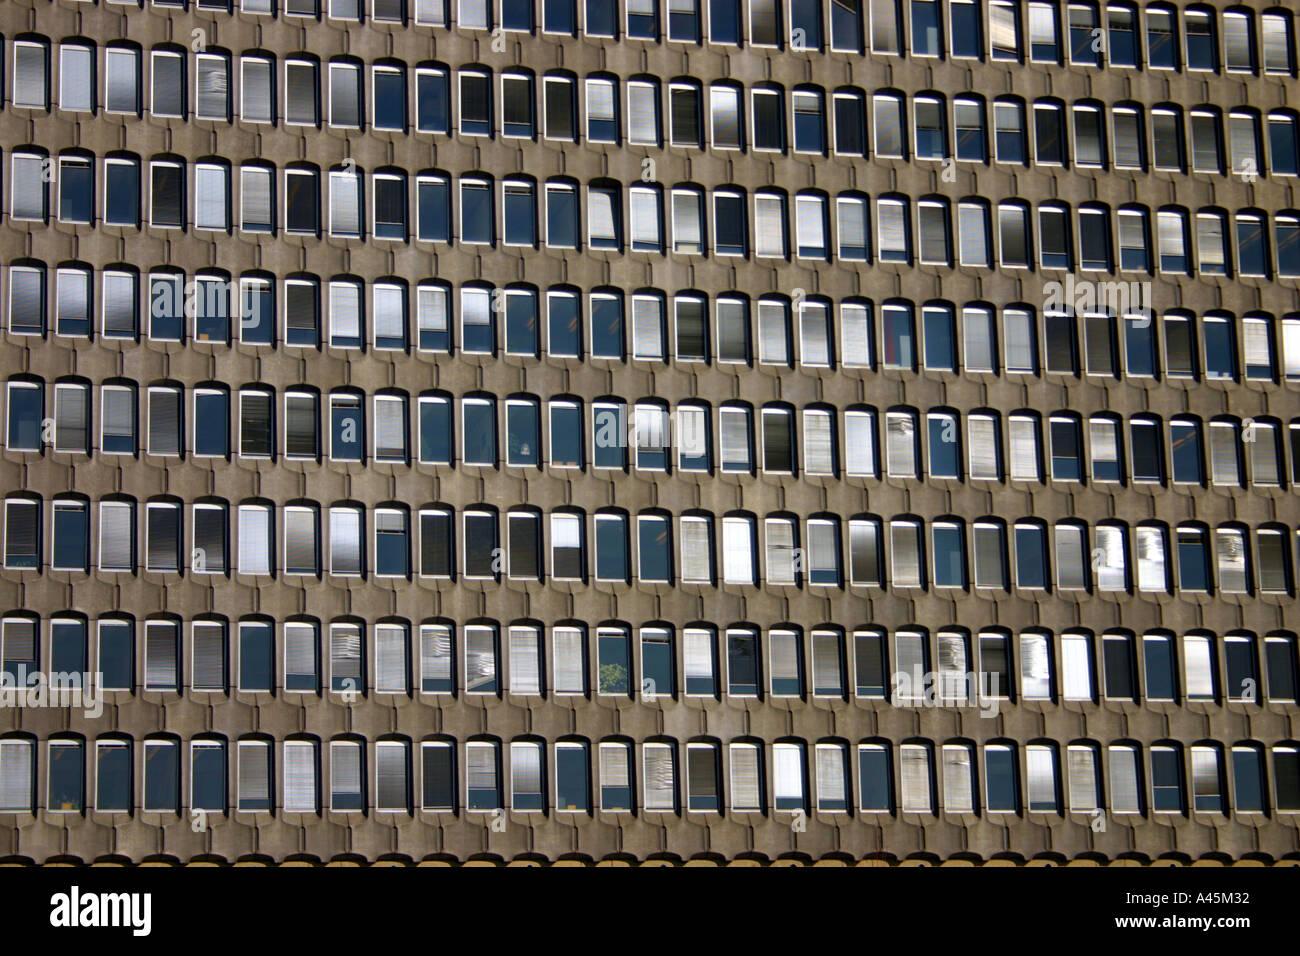 Bureau international du travail genève suisse banque d images